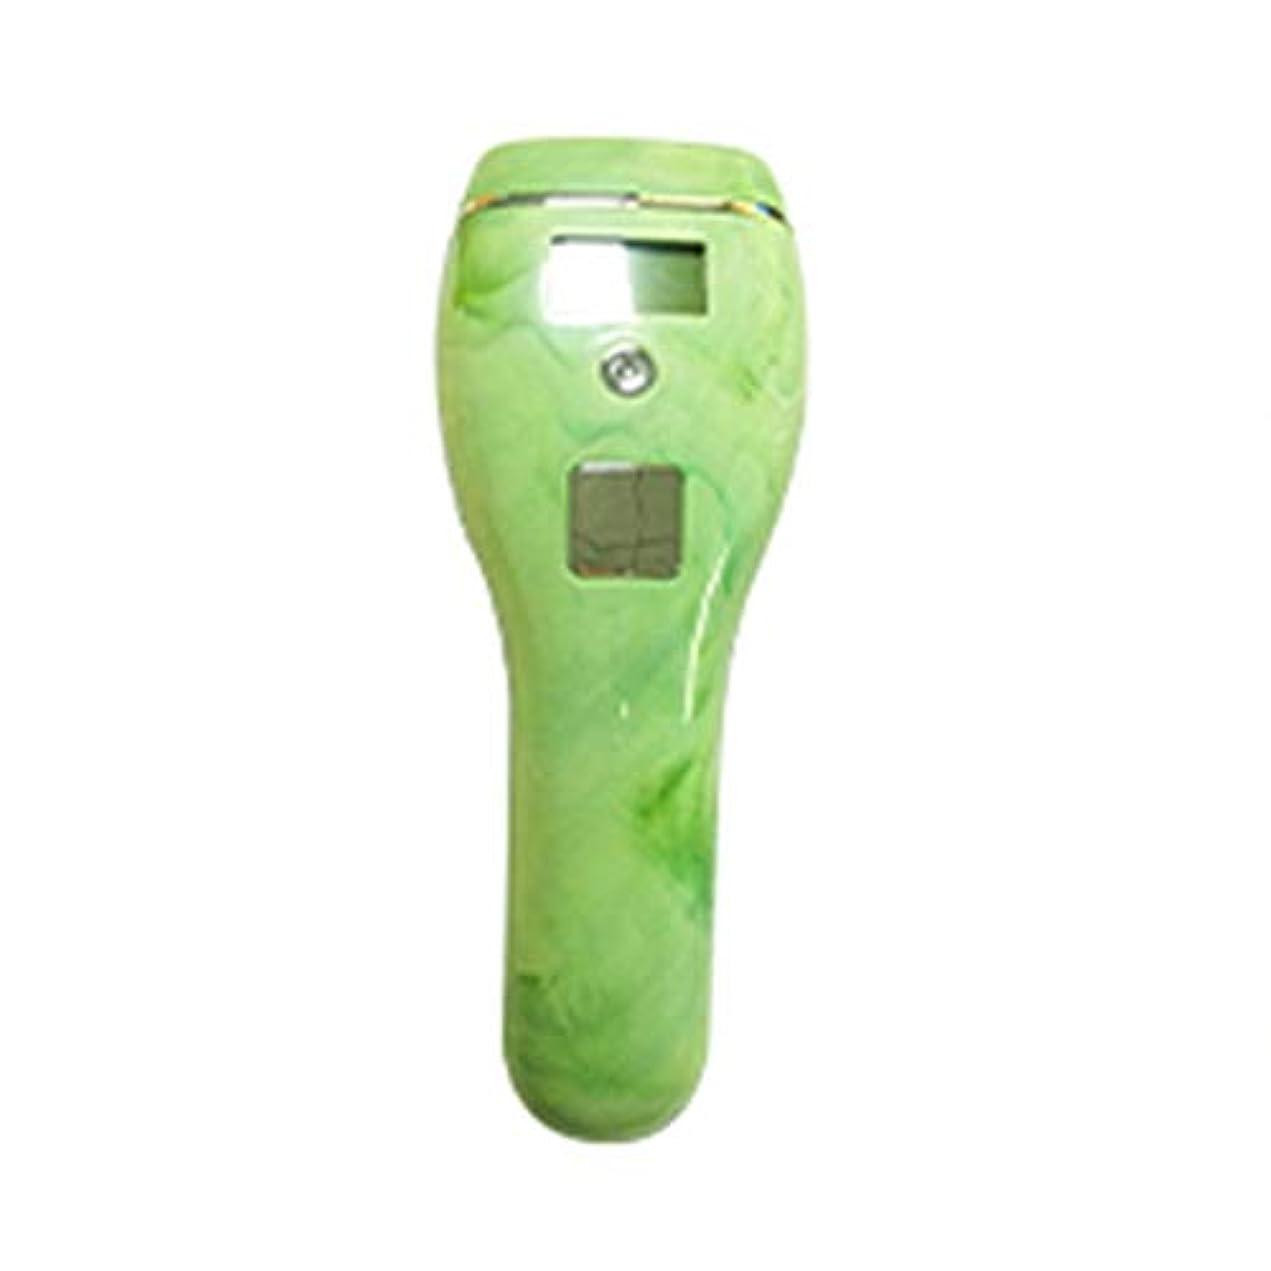 新鮮な酔っ払いずんぐりした自動肌のカラーセンシング、グリーン、5速調整、クォーツチューブ、携帯用痛みのない全身凍結乾燥用除湿器、サイズ19x7x5cm 安全性 (Color : Green)